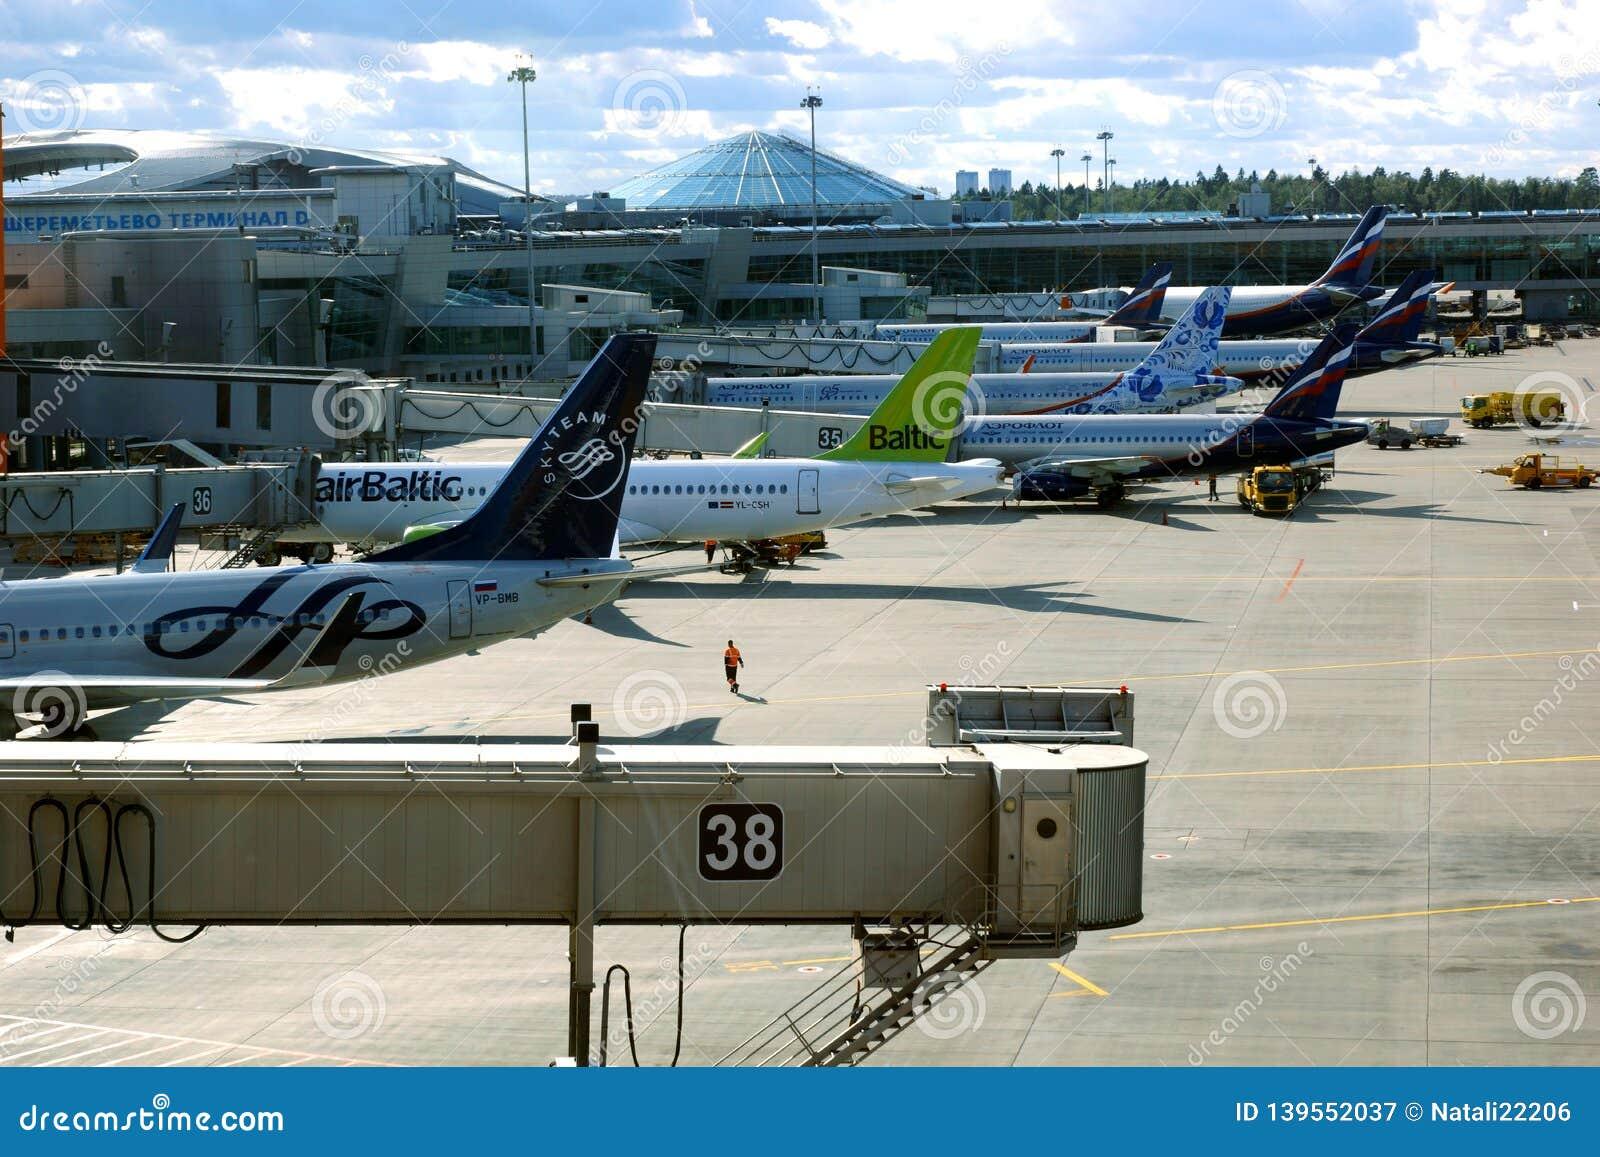 Internationaler Flughafen IATA Sheremetyevo: SVO, ICAO: UUEE ist ein internationaler Flughafen, der in Khimki, Moskau Oblast, Rus